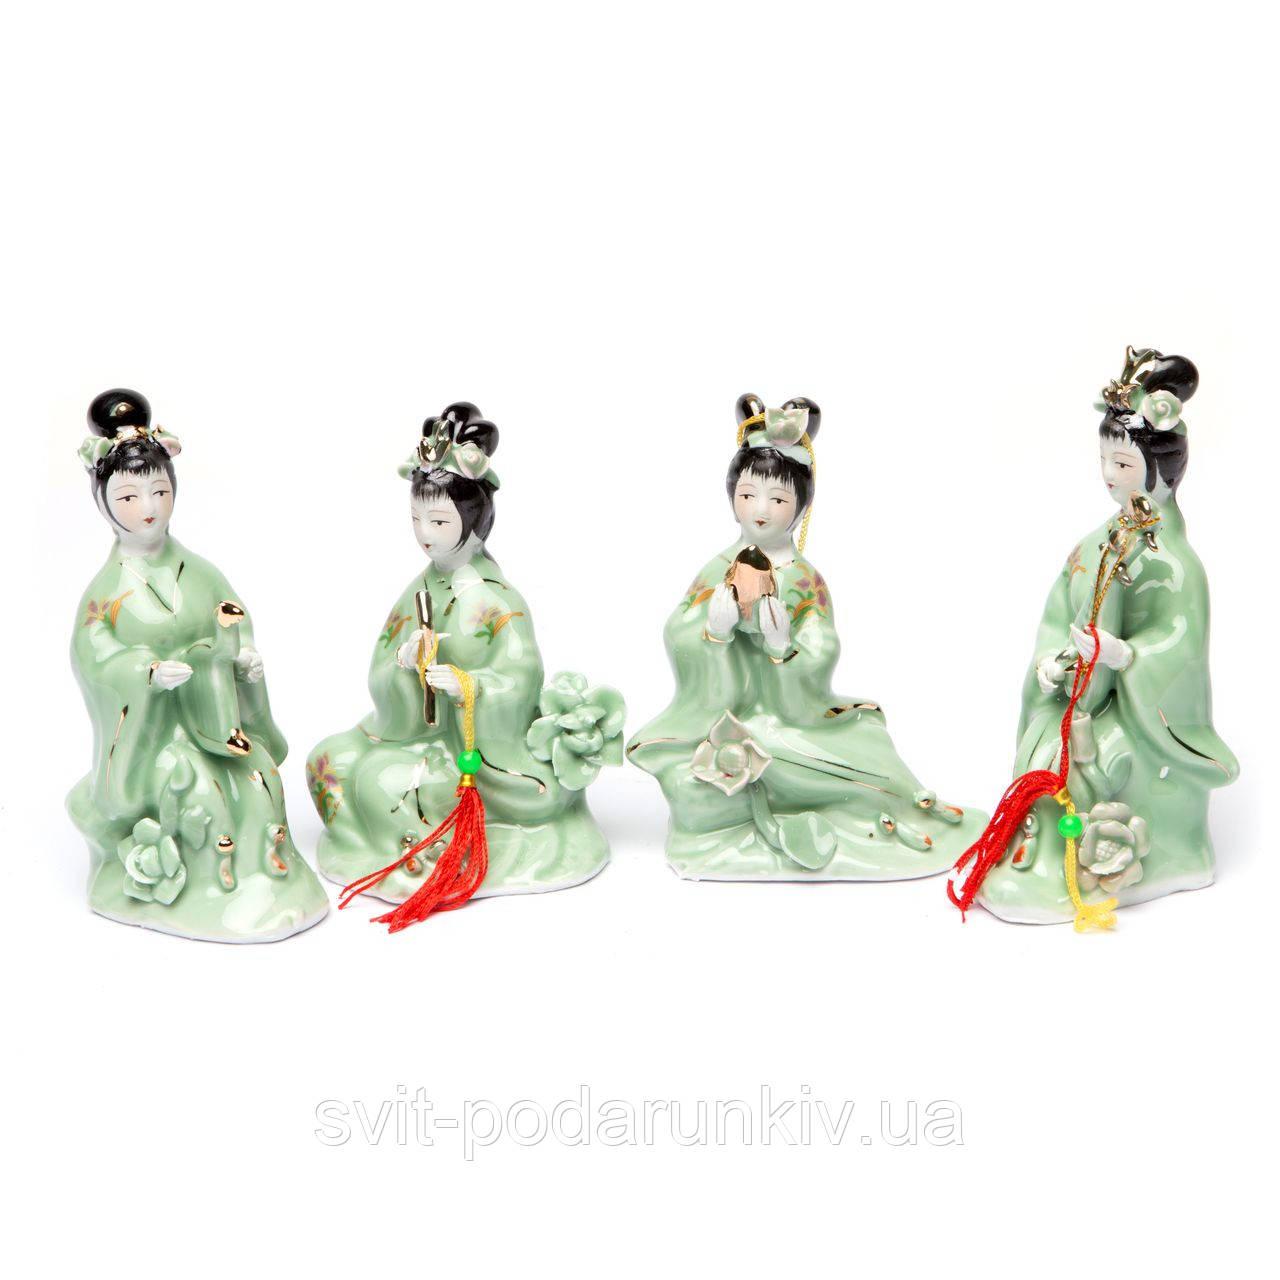 Японские фарфоровые статуэтки девушек GRS7